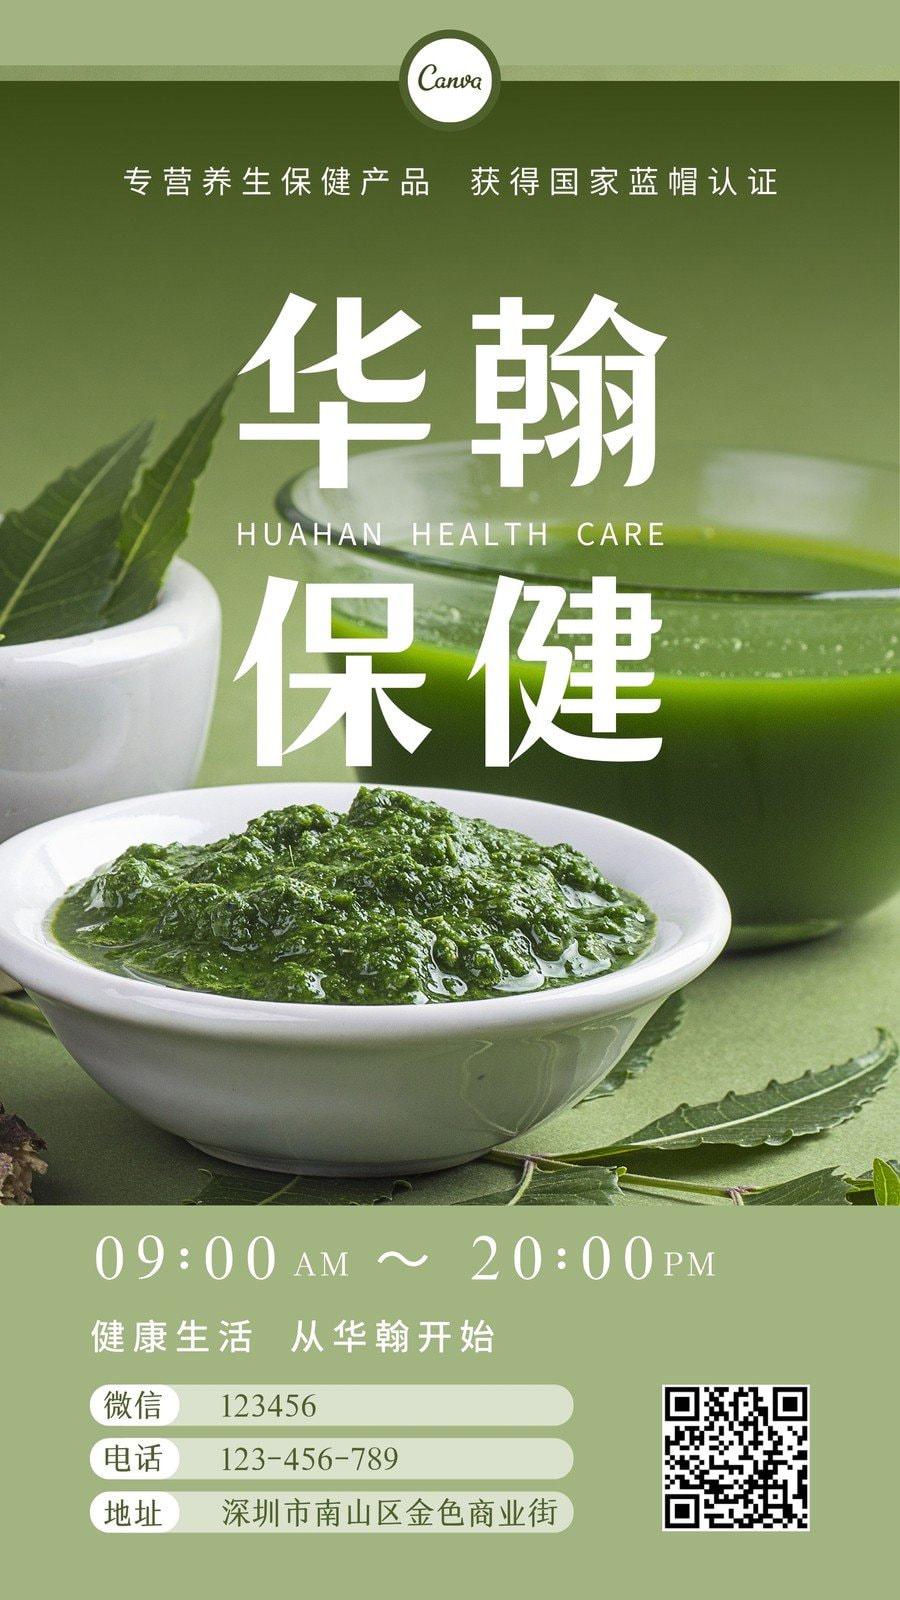 绿白色养生保健品照片店铺宣传中文电子名片